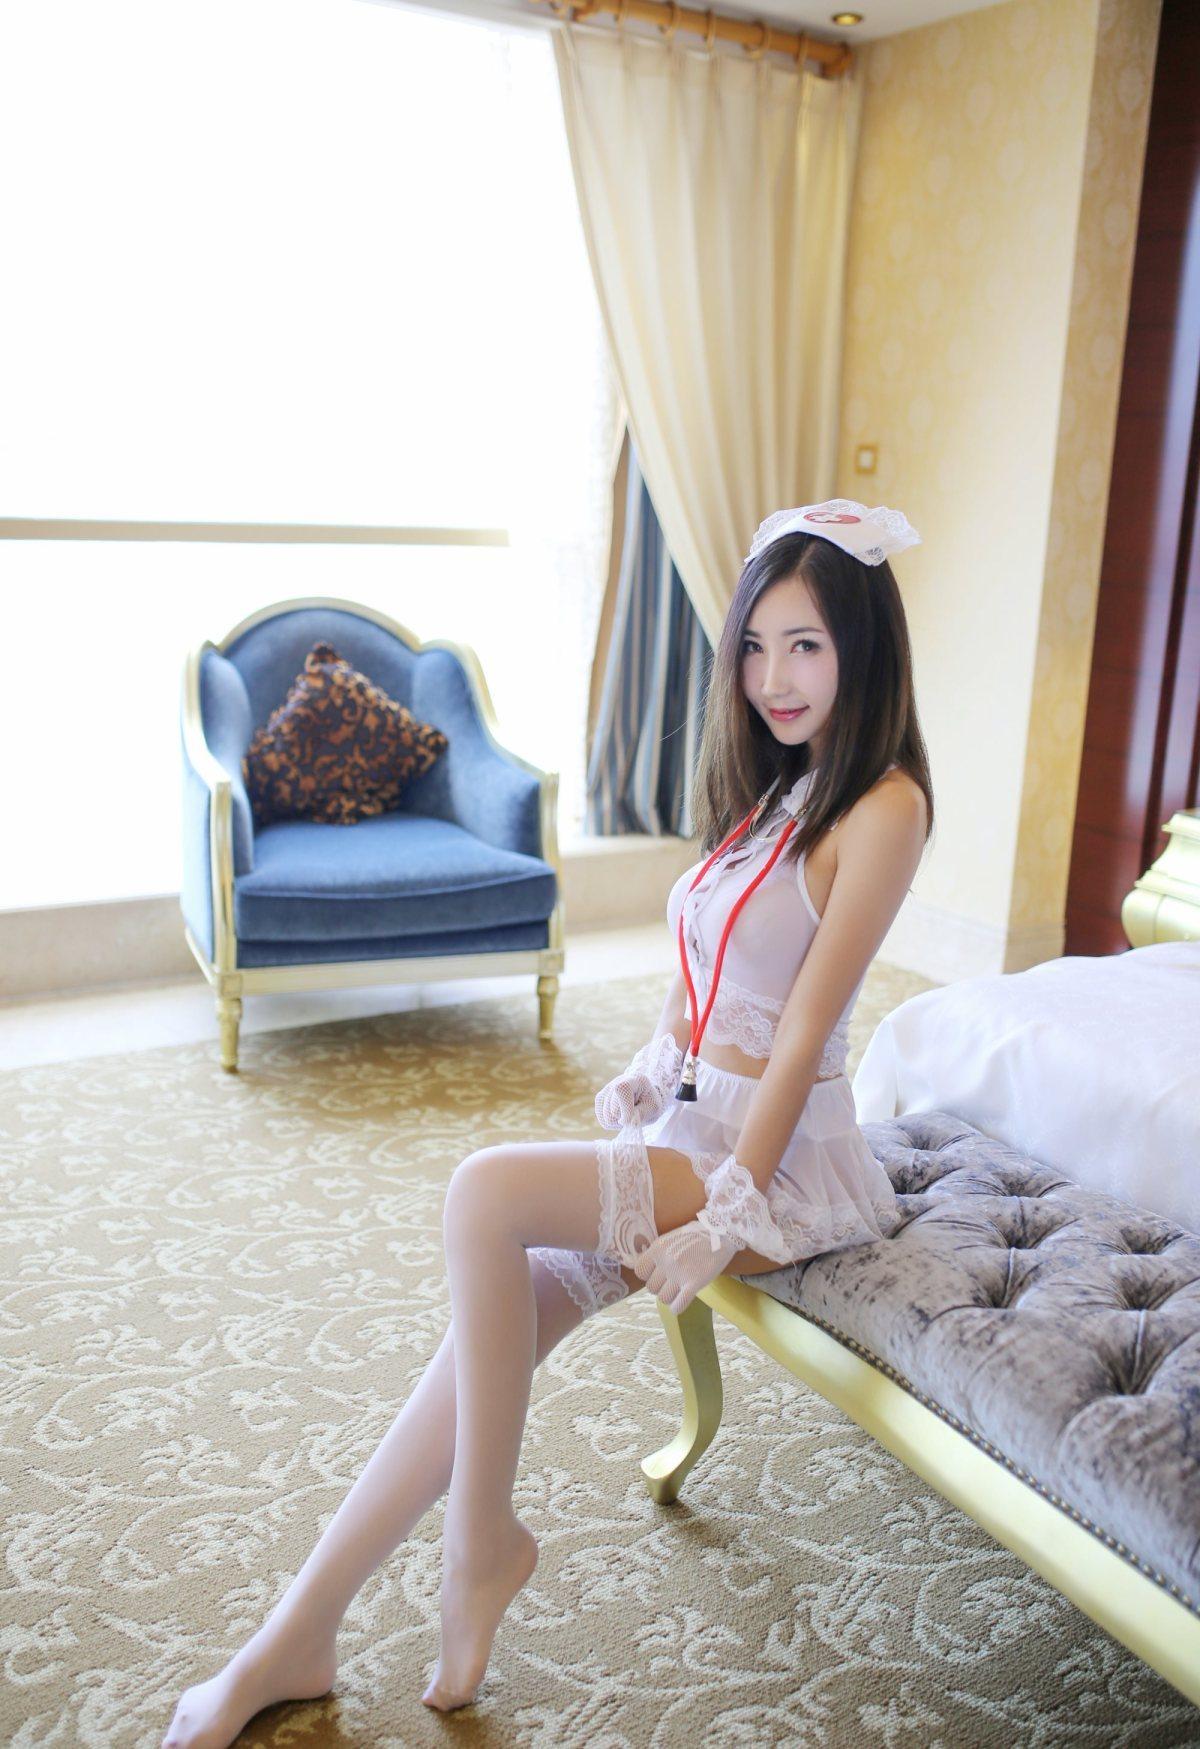 7MIDE-046美胸脯空气刘海美少妇长裙秀娇小好身材